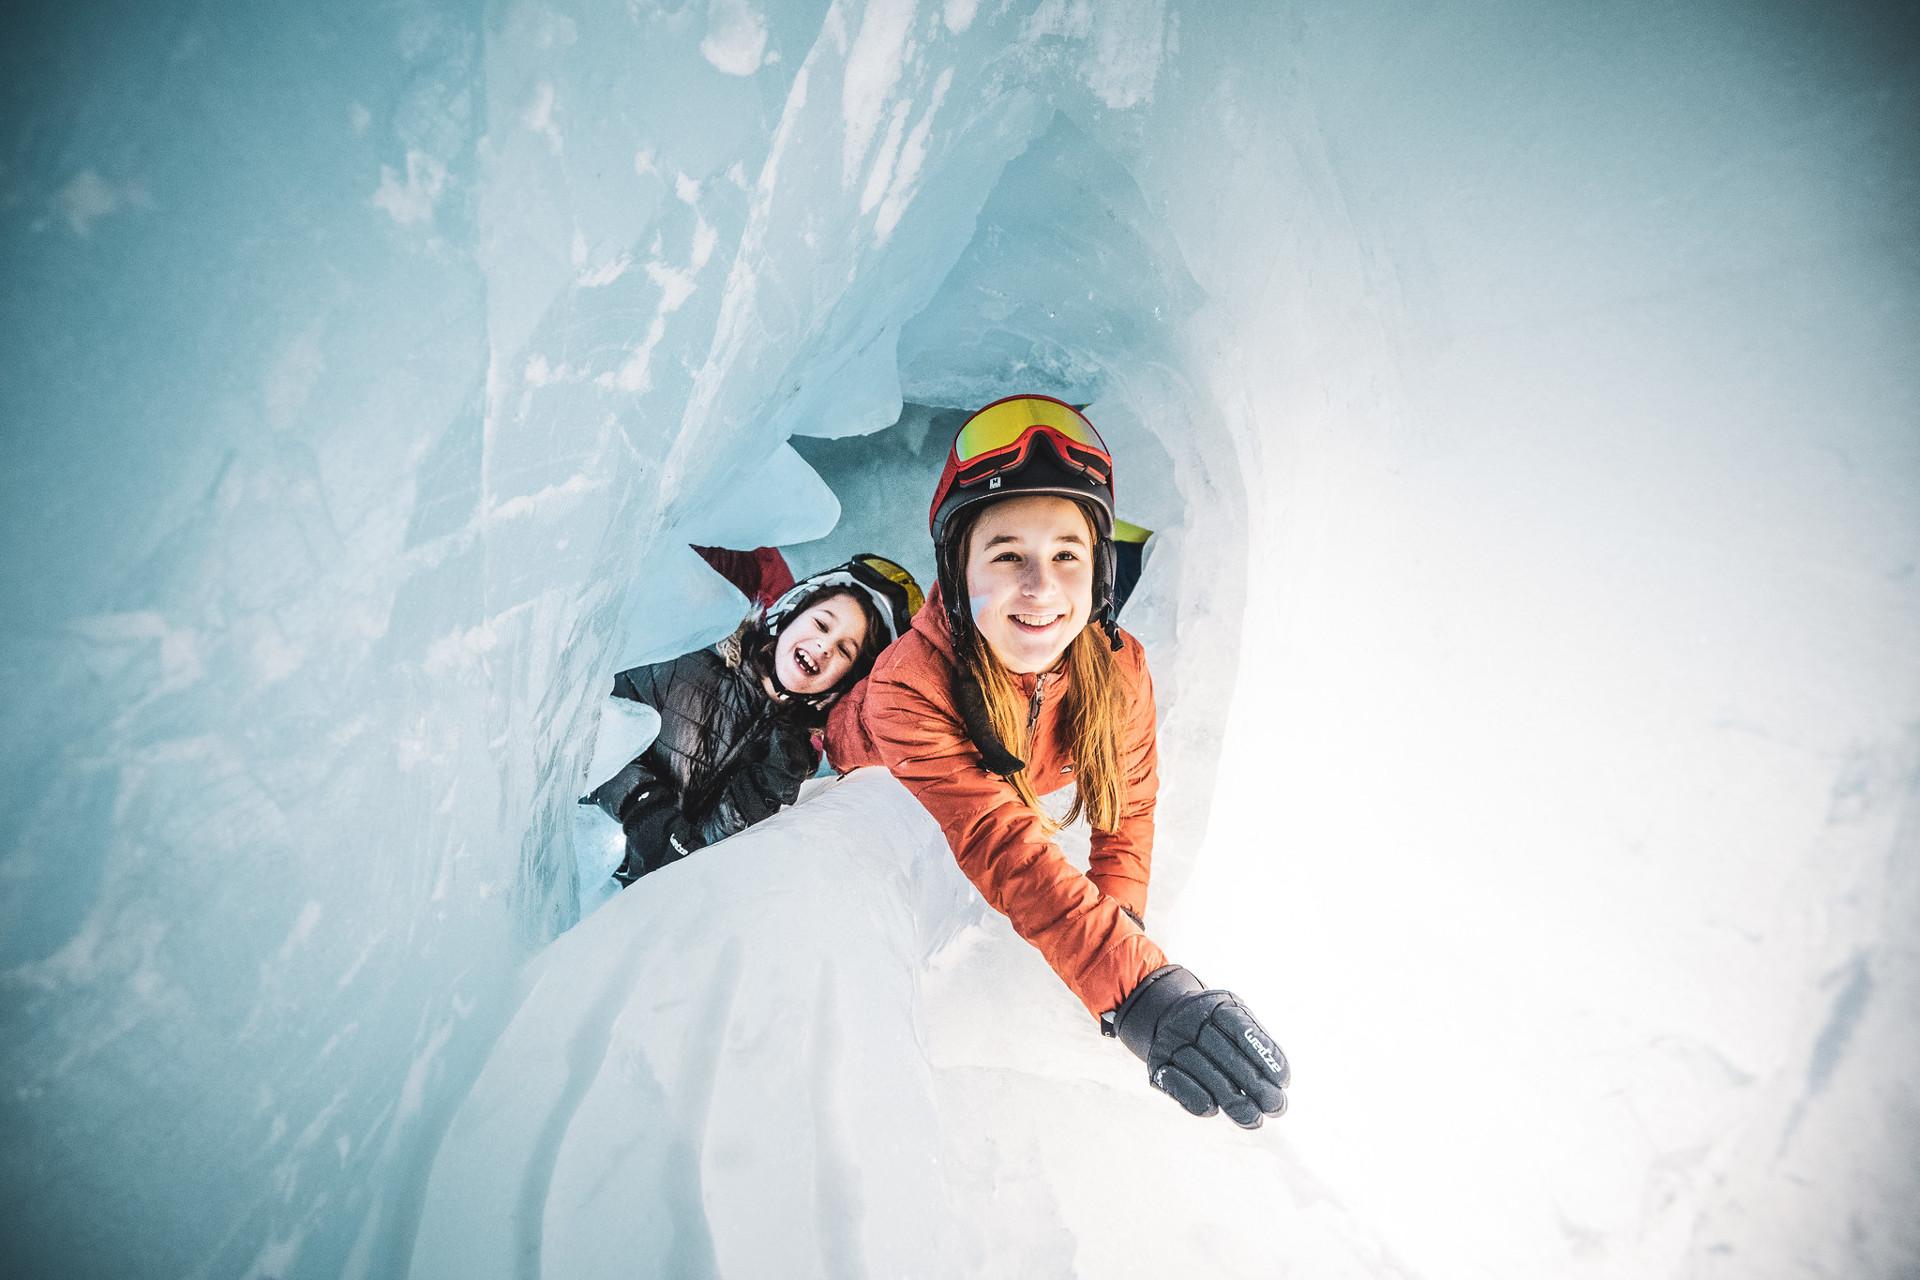 grotte-de-glace-416237